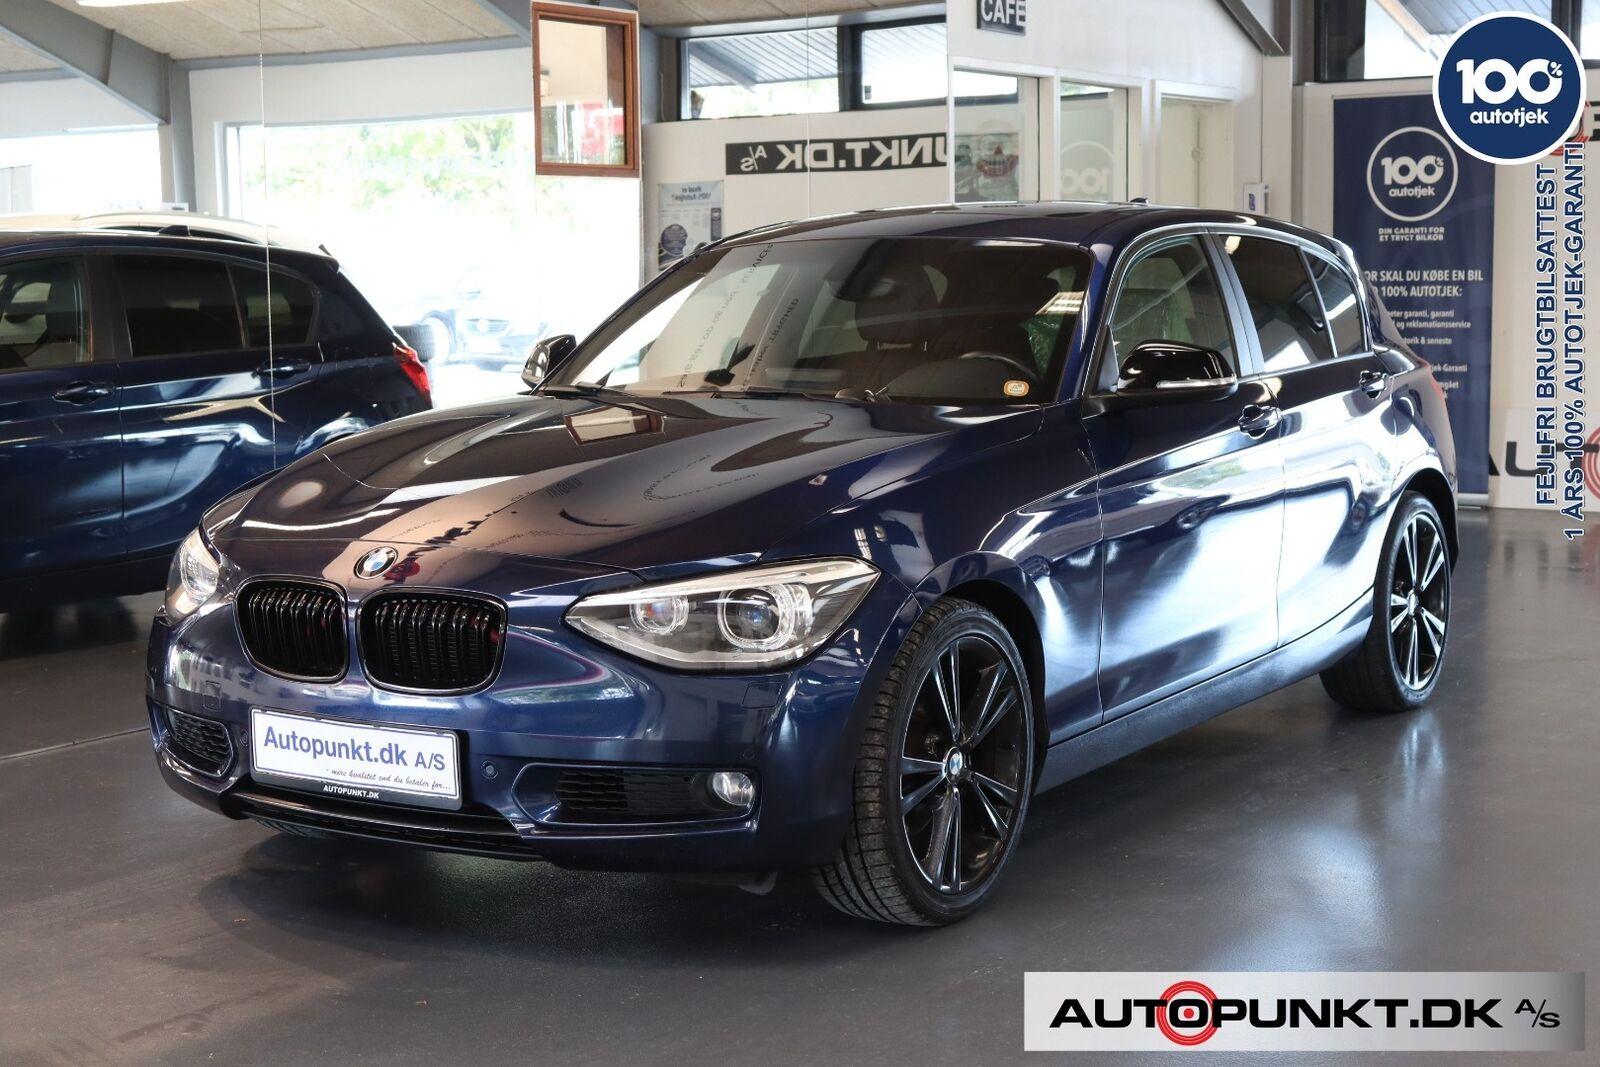 BMW 120d 2,0 aut. 5d - 189.700 kr.